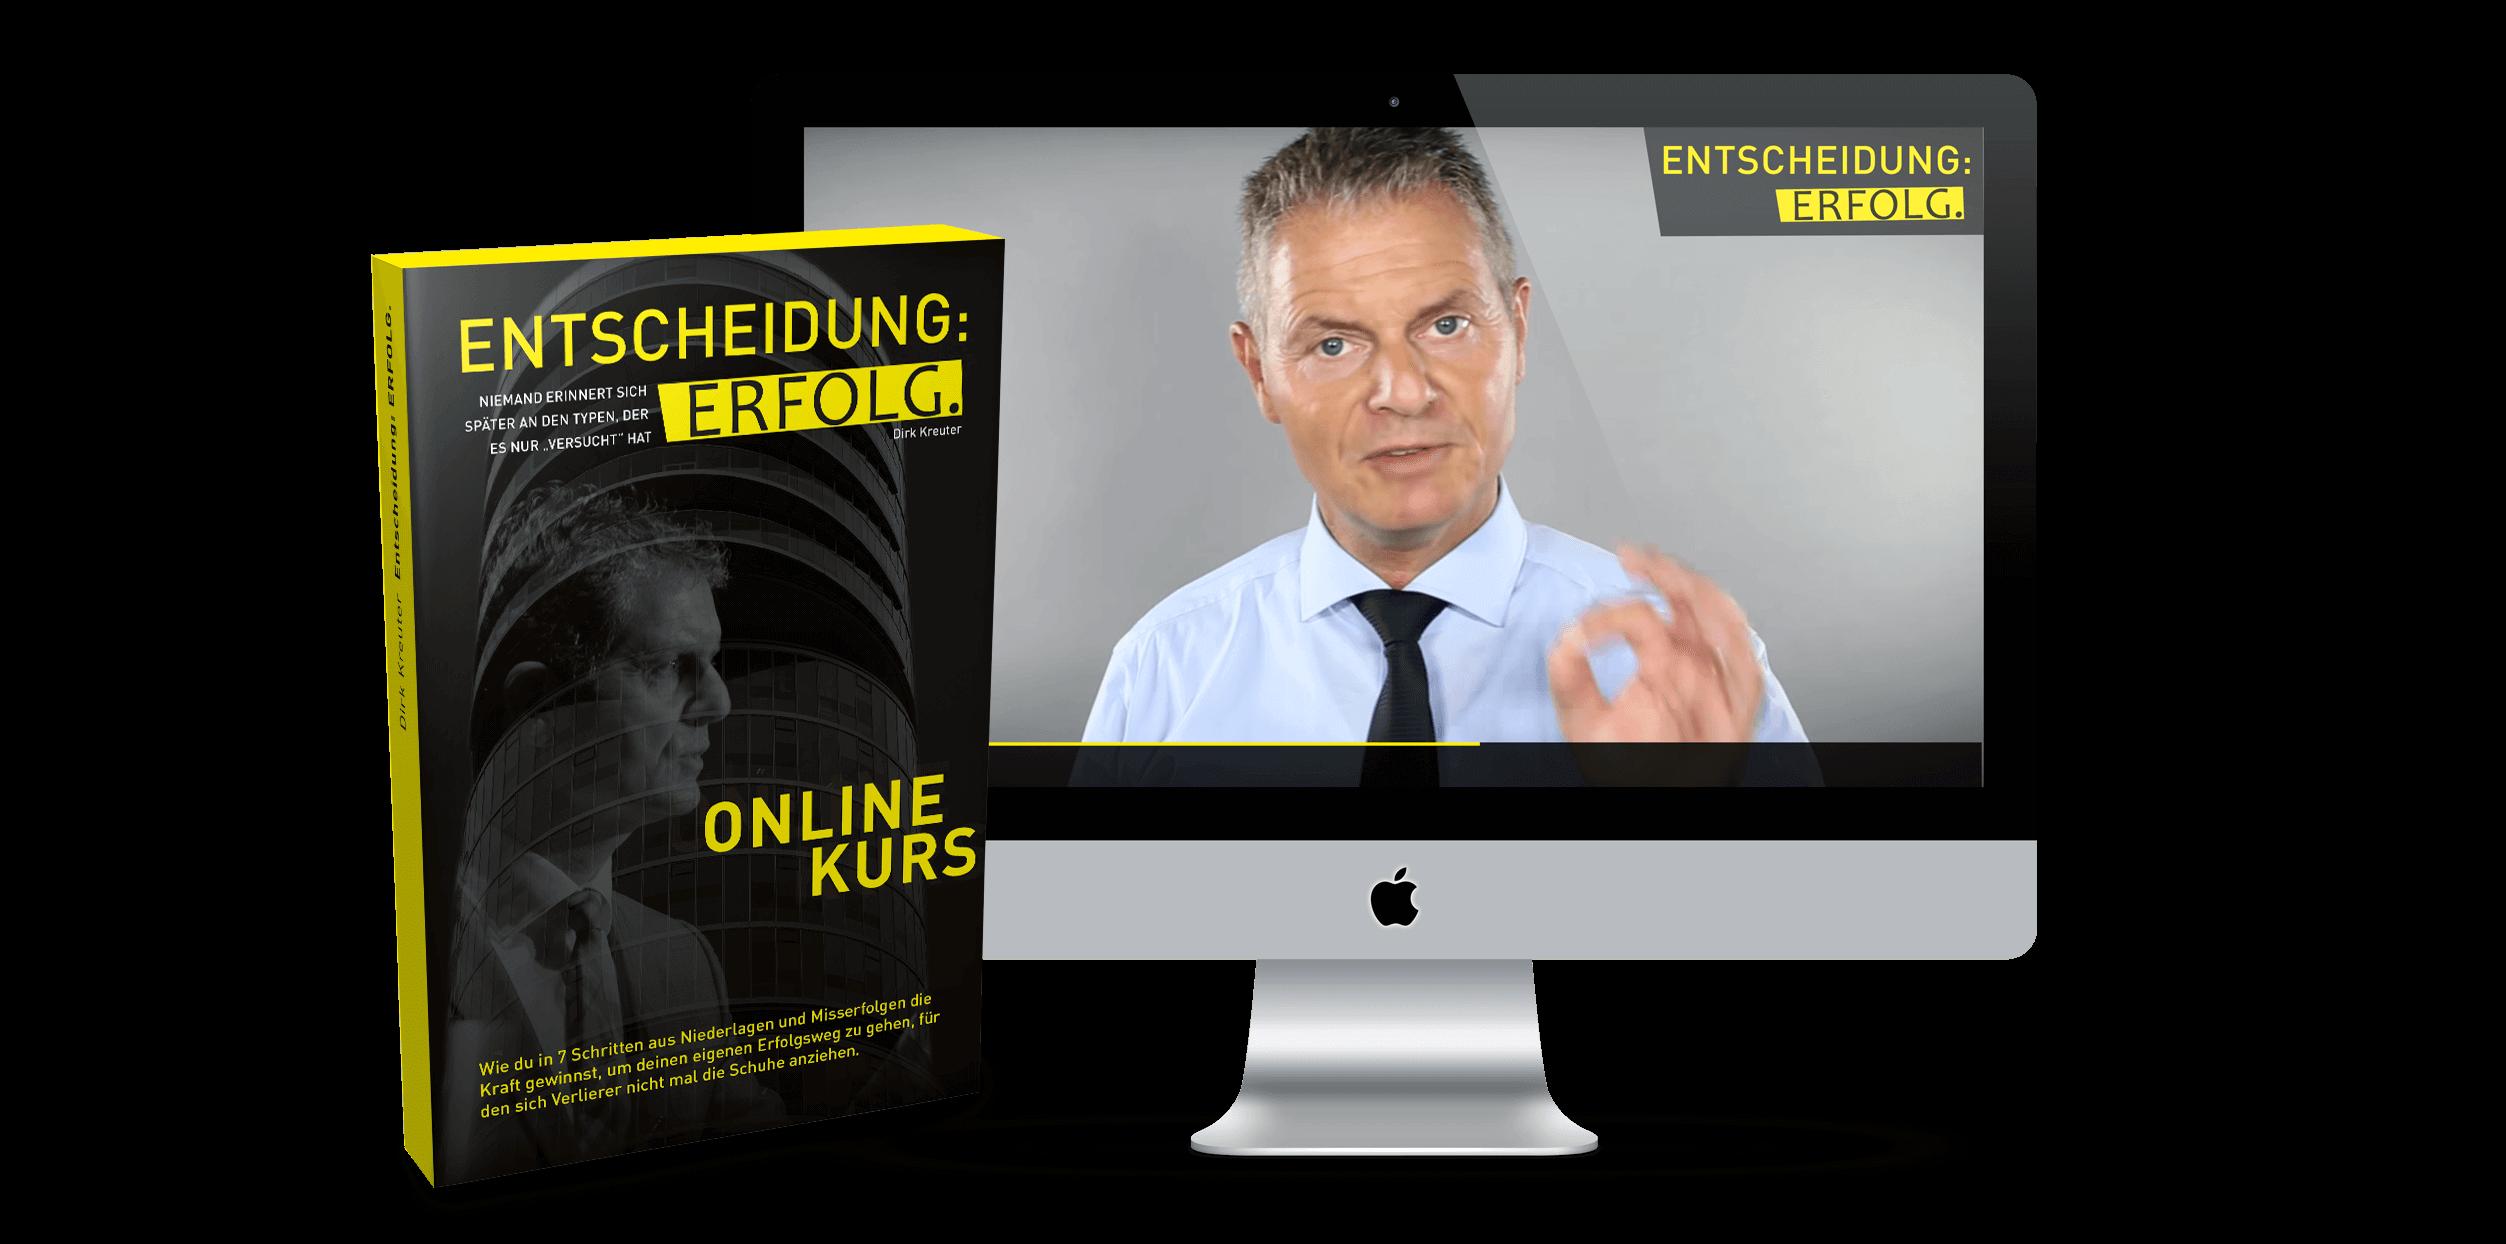 Onlinekurs Entscheidung Erfolg von Dirk Kreuter